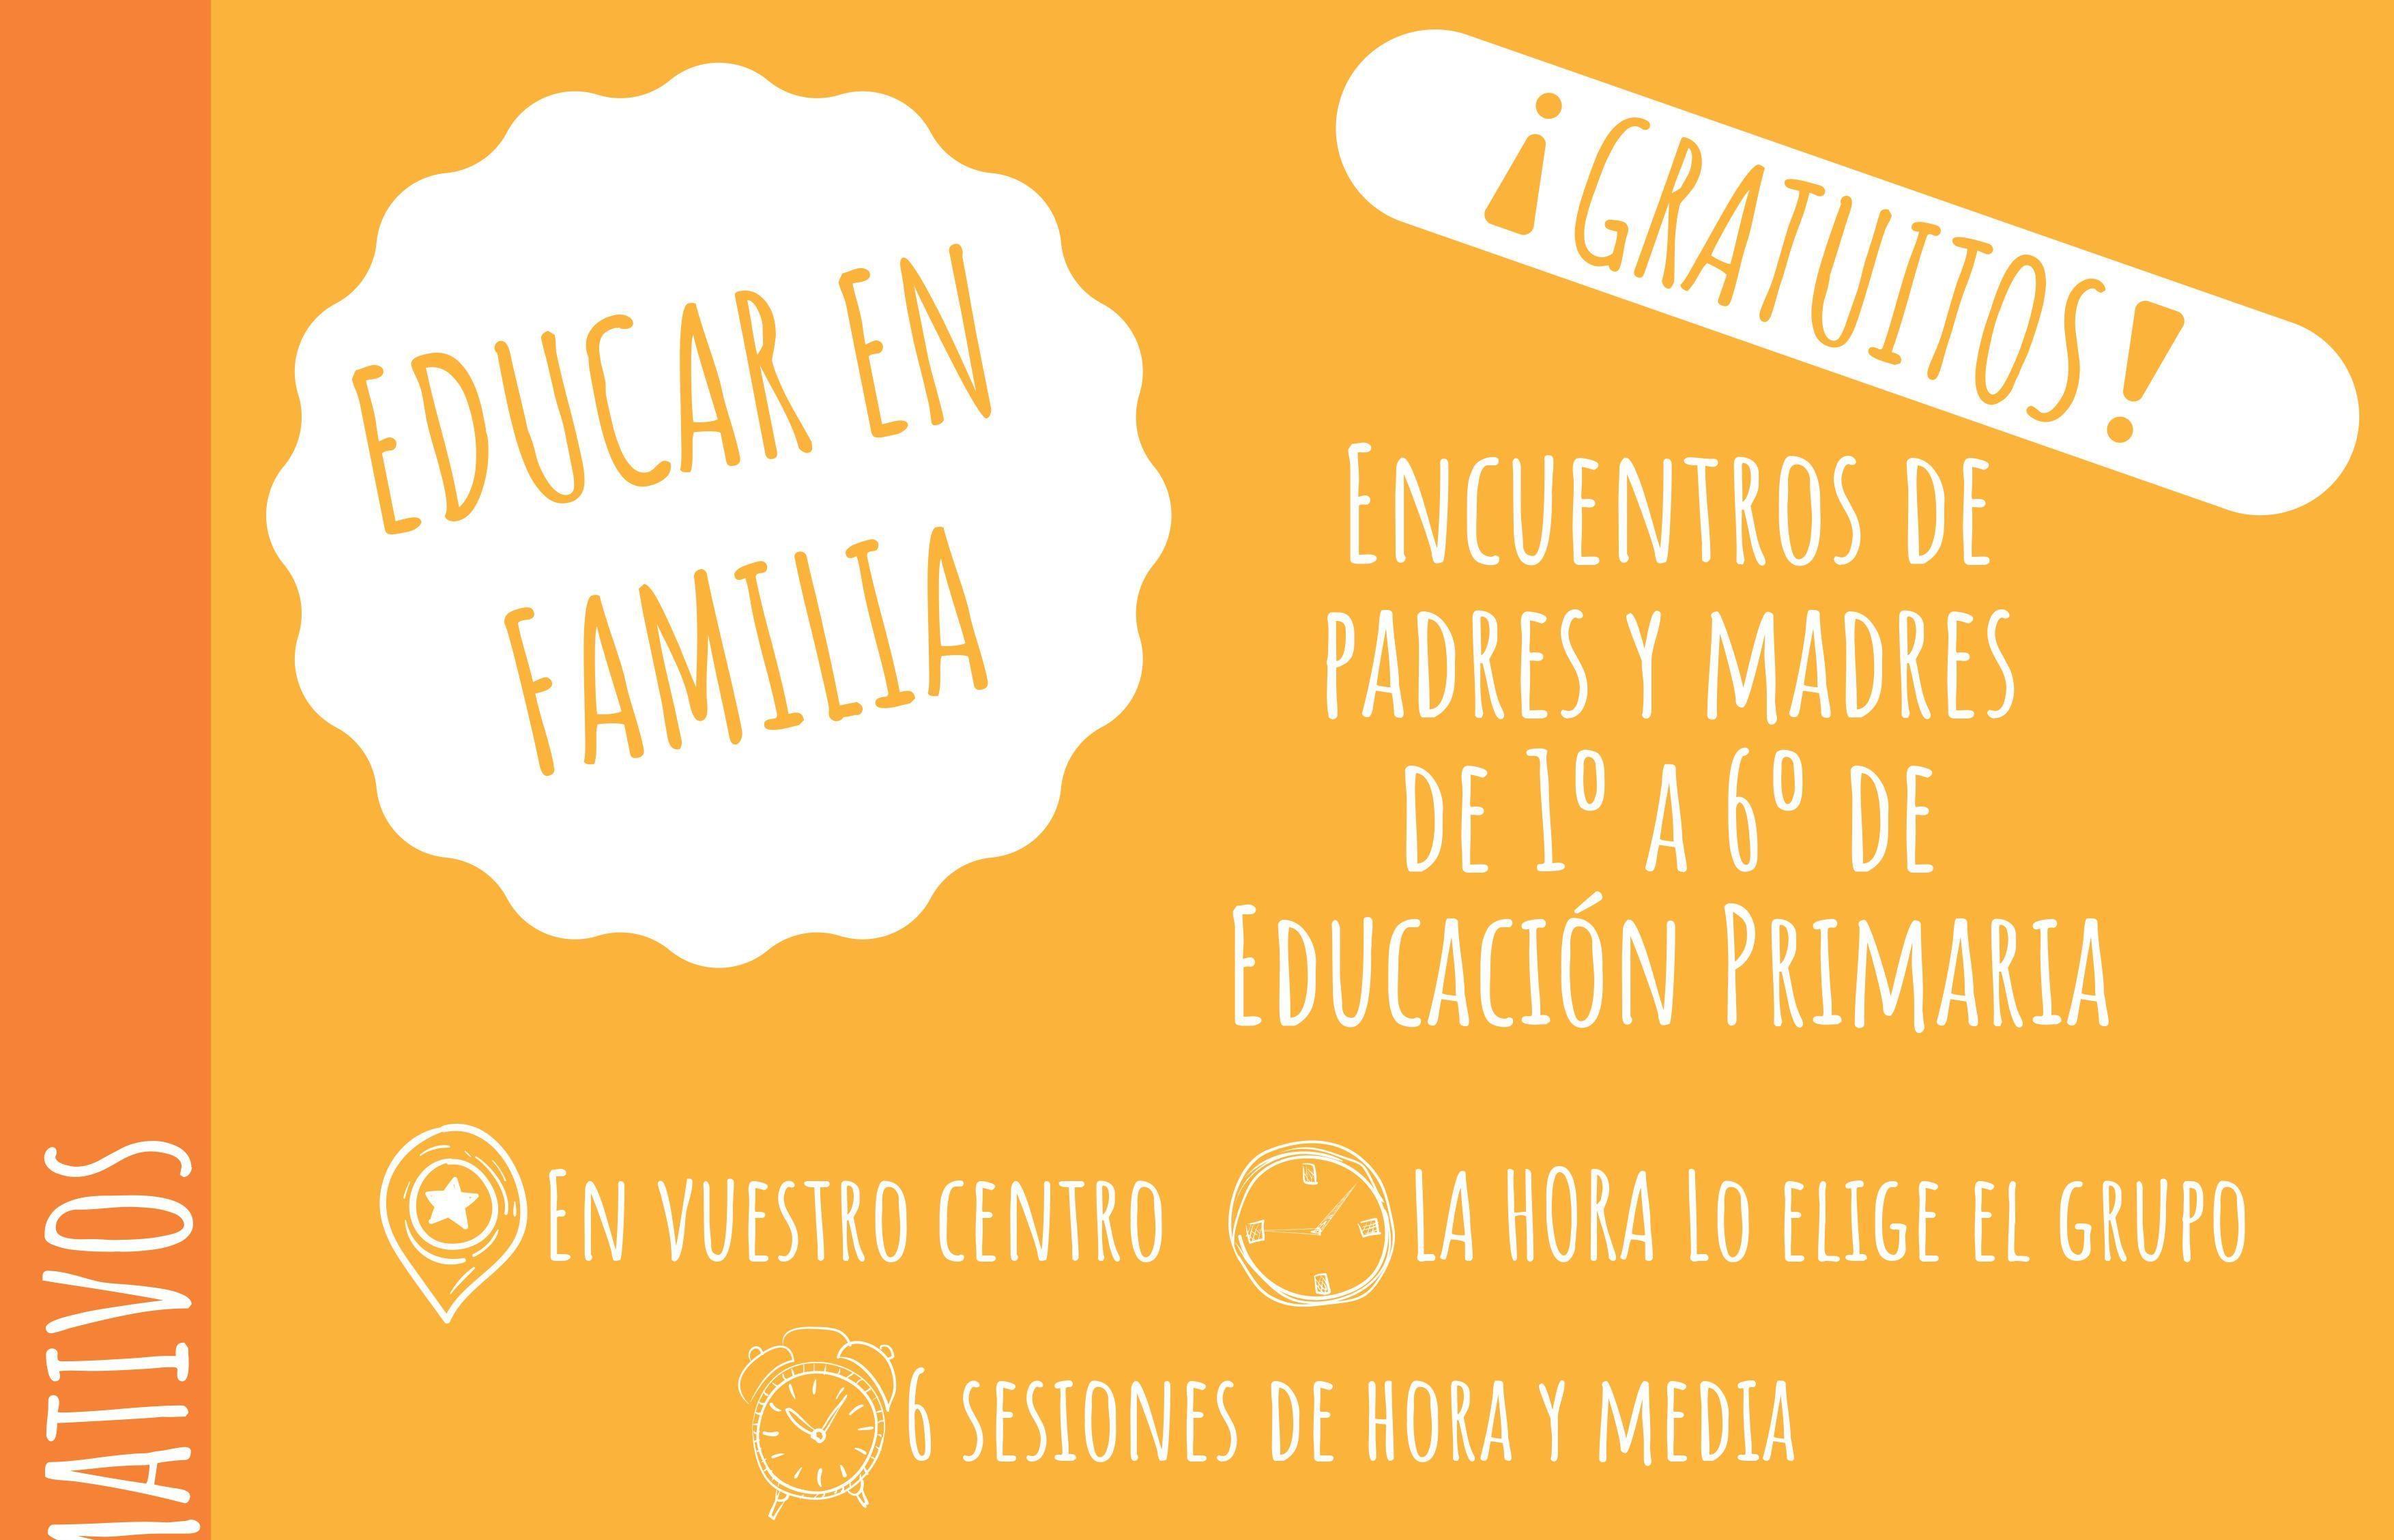 Apúntate a los Grupos Formativos para Padres y Madres que organiza el Ayuntamiento